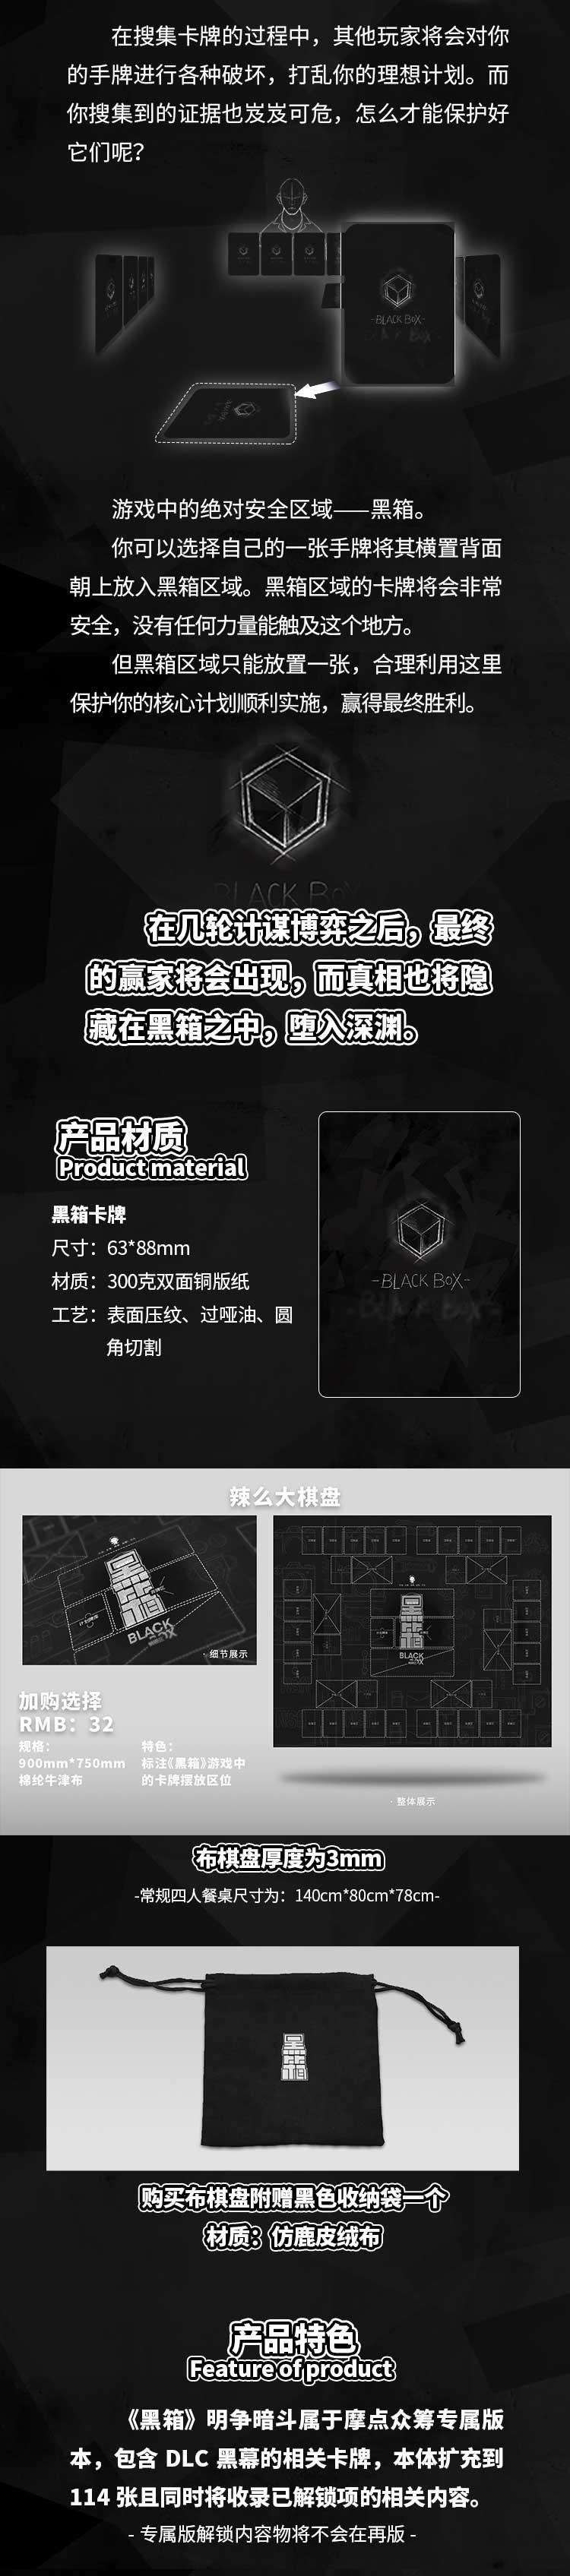 黑箱详情众筹版_09_05.jpg